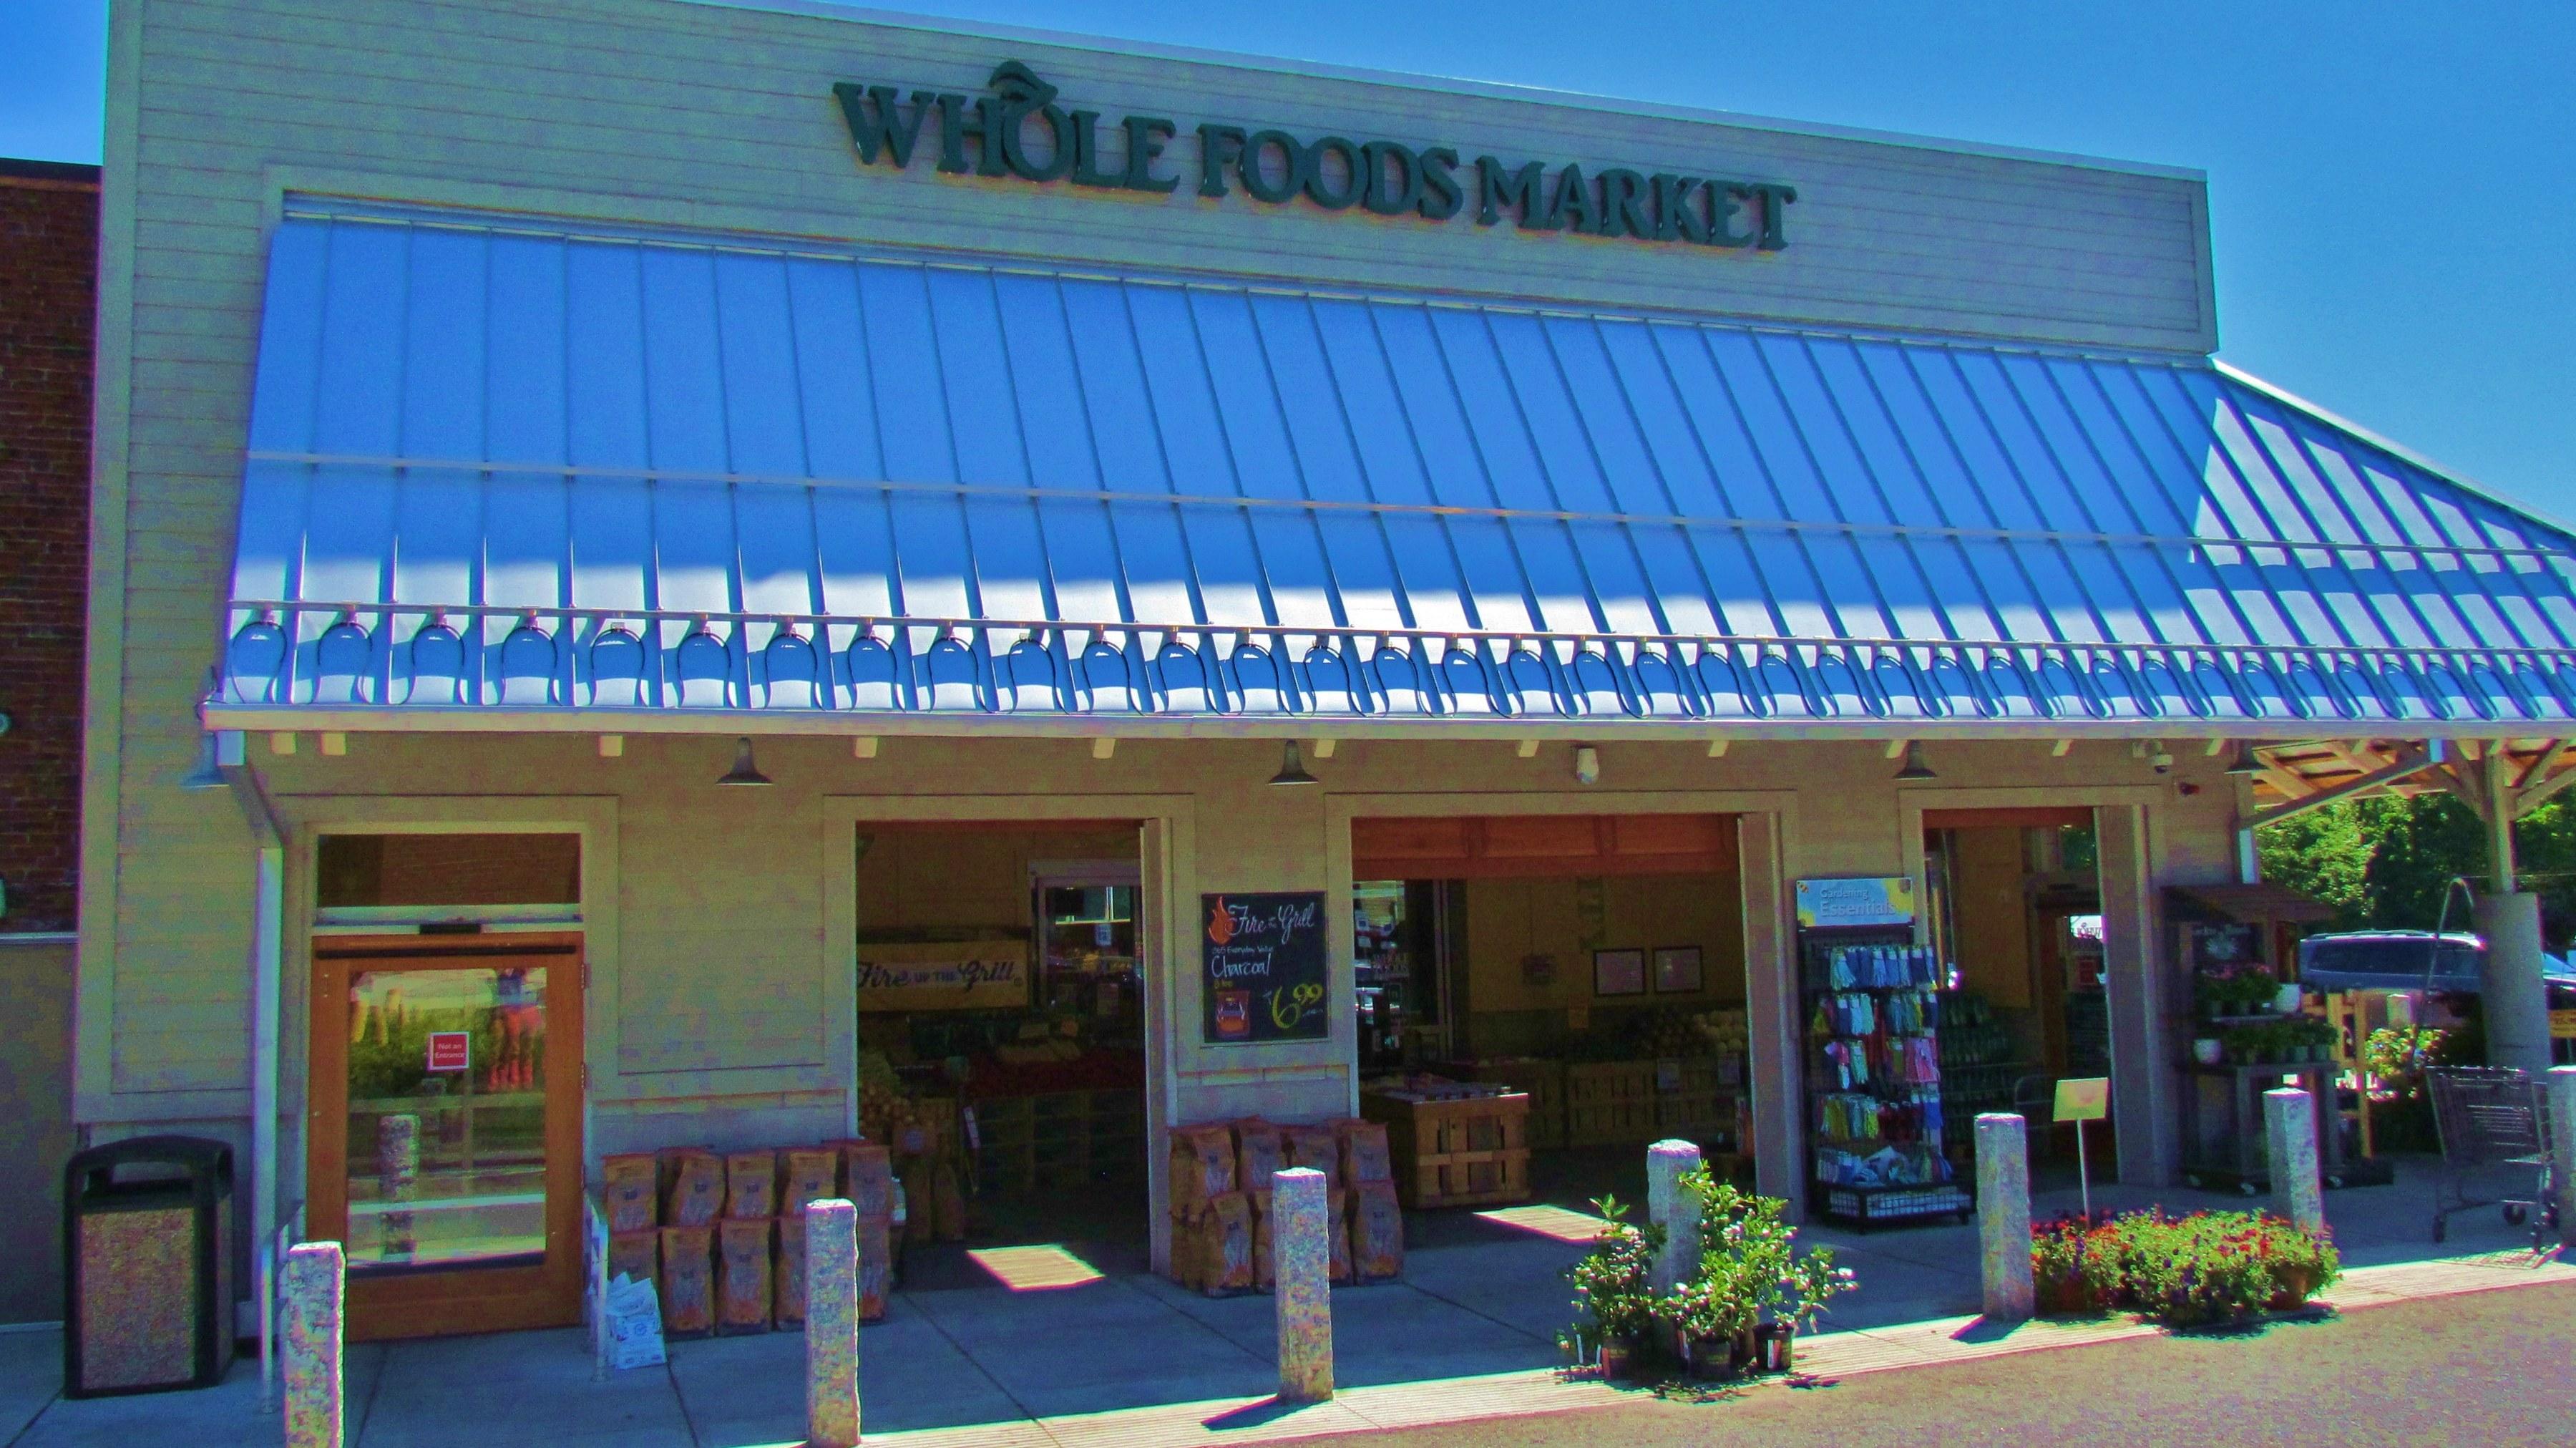 Whole Foods Wellesley Flowers